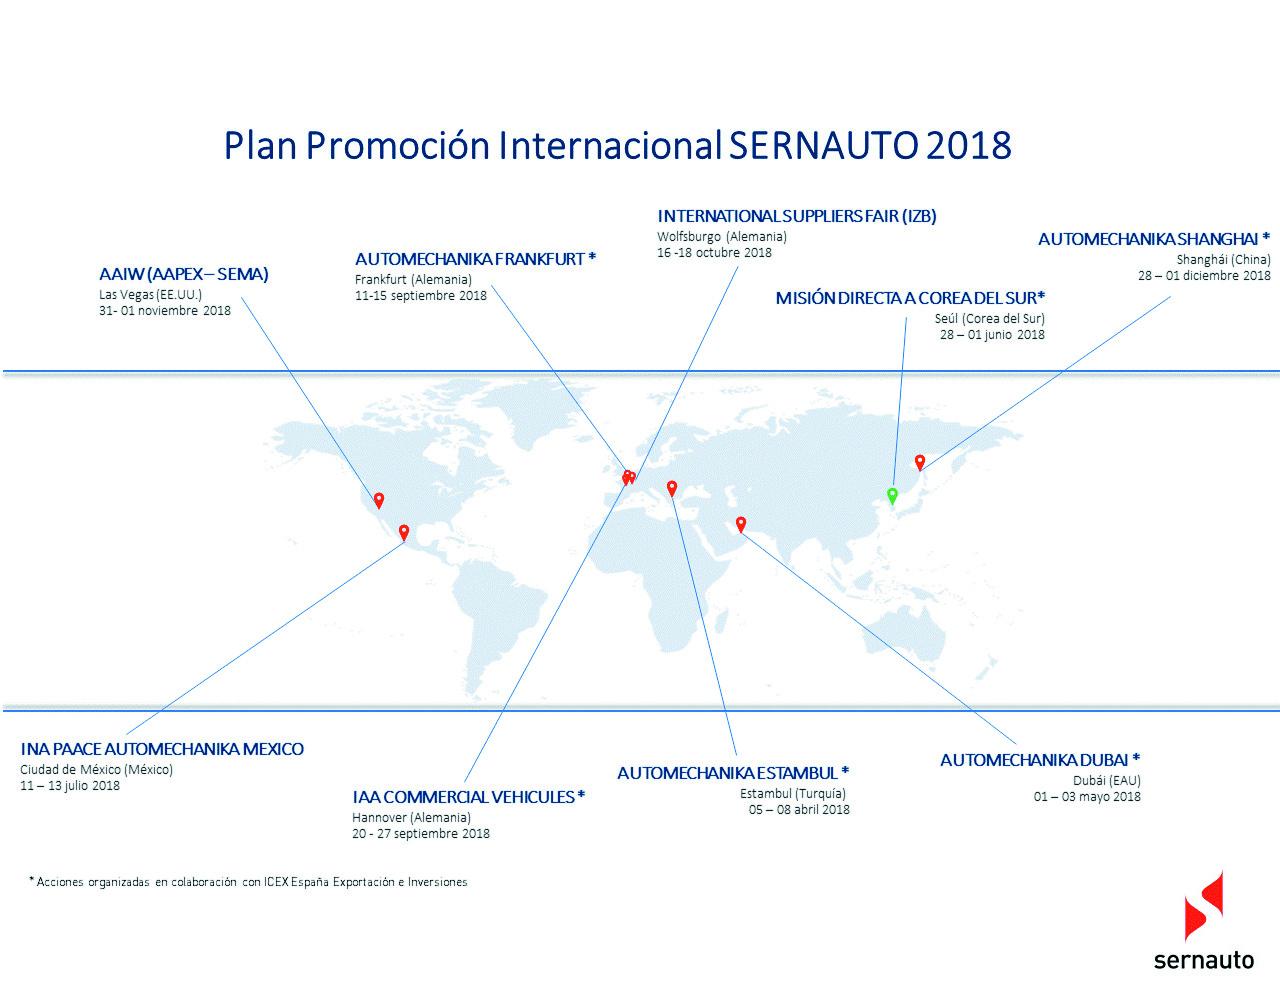 plan de promoción internacional Sernauto 2018